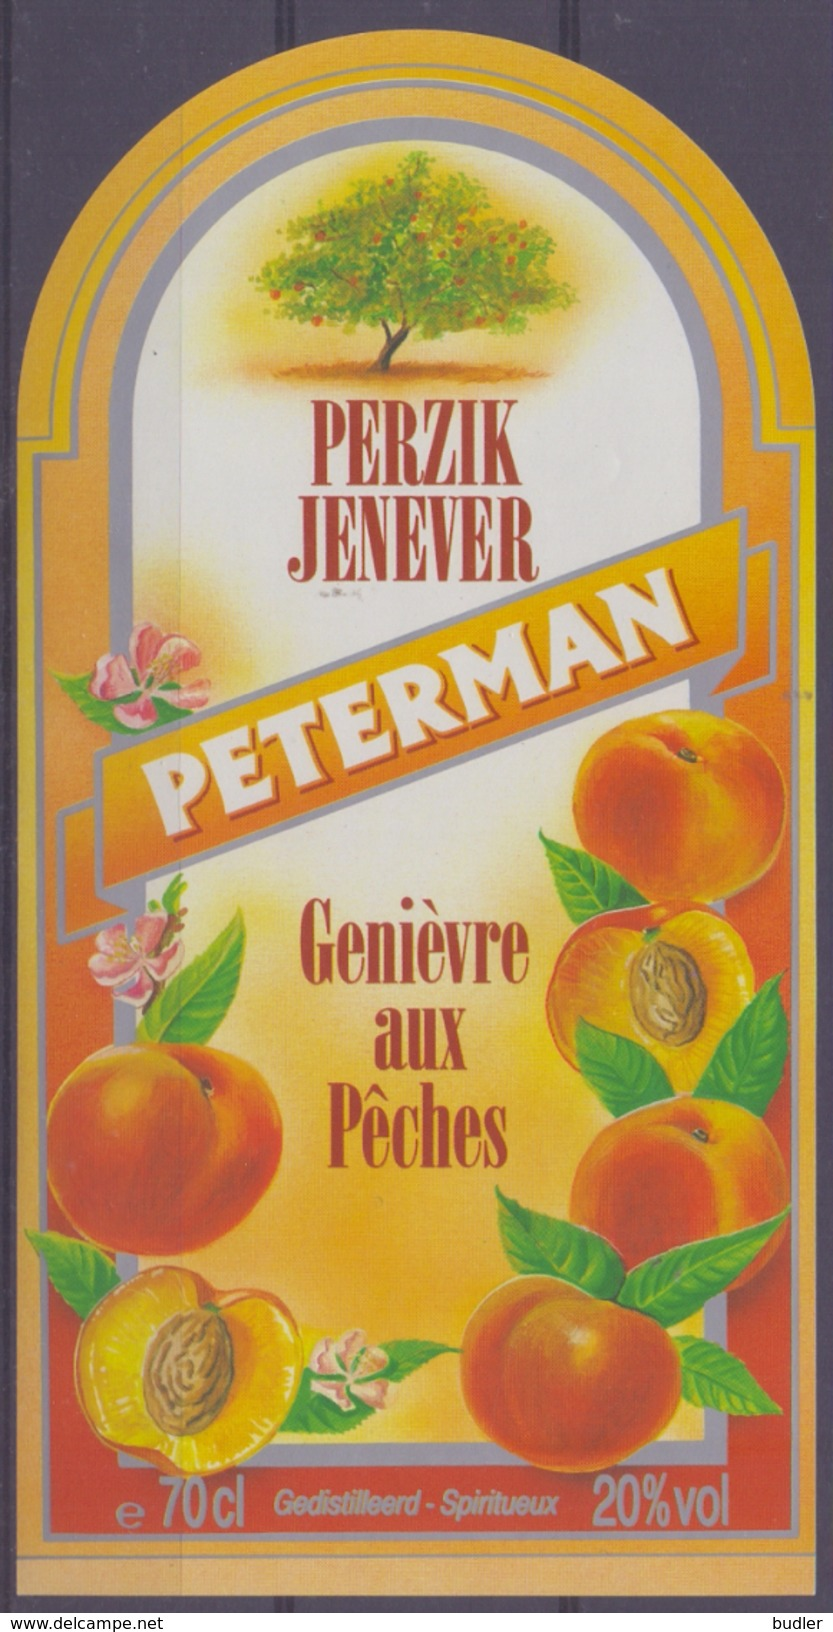 BELGIË/BELGIQUE : ## PETERMAN ## Perzikjenever / Genièvre Aux Pêches:  BRUGGEMAN,PERZIK,PÊCHE,PEACH, - Labels